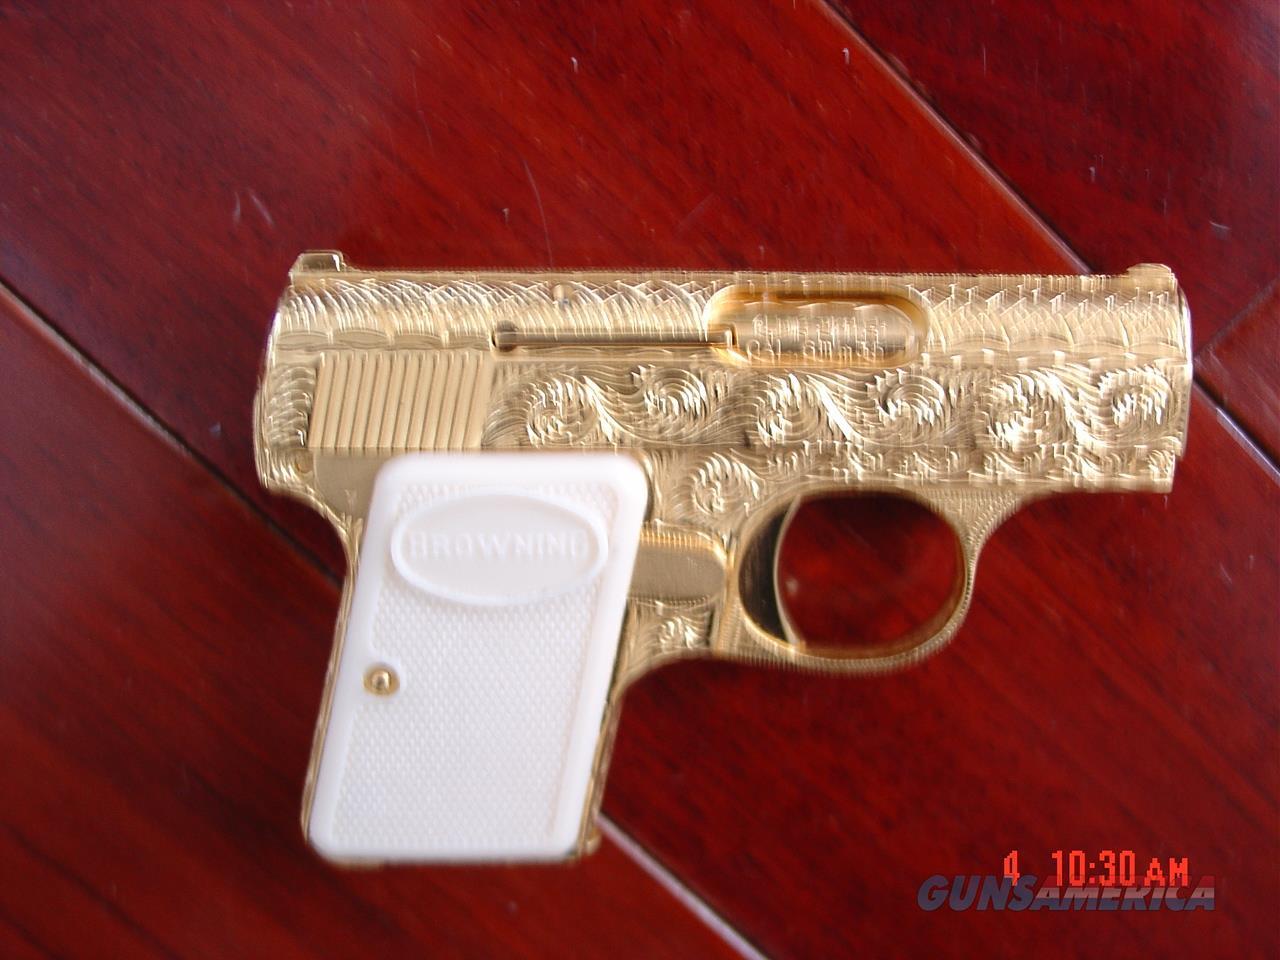 что это не настоящий пистолет (пометка на конверте игрушка), в colt model 1908 vest pocket